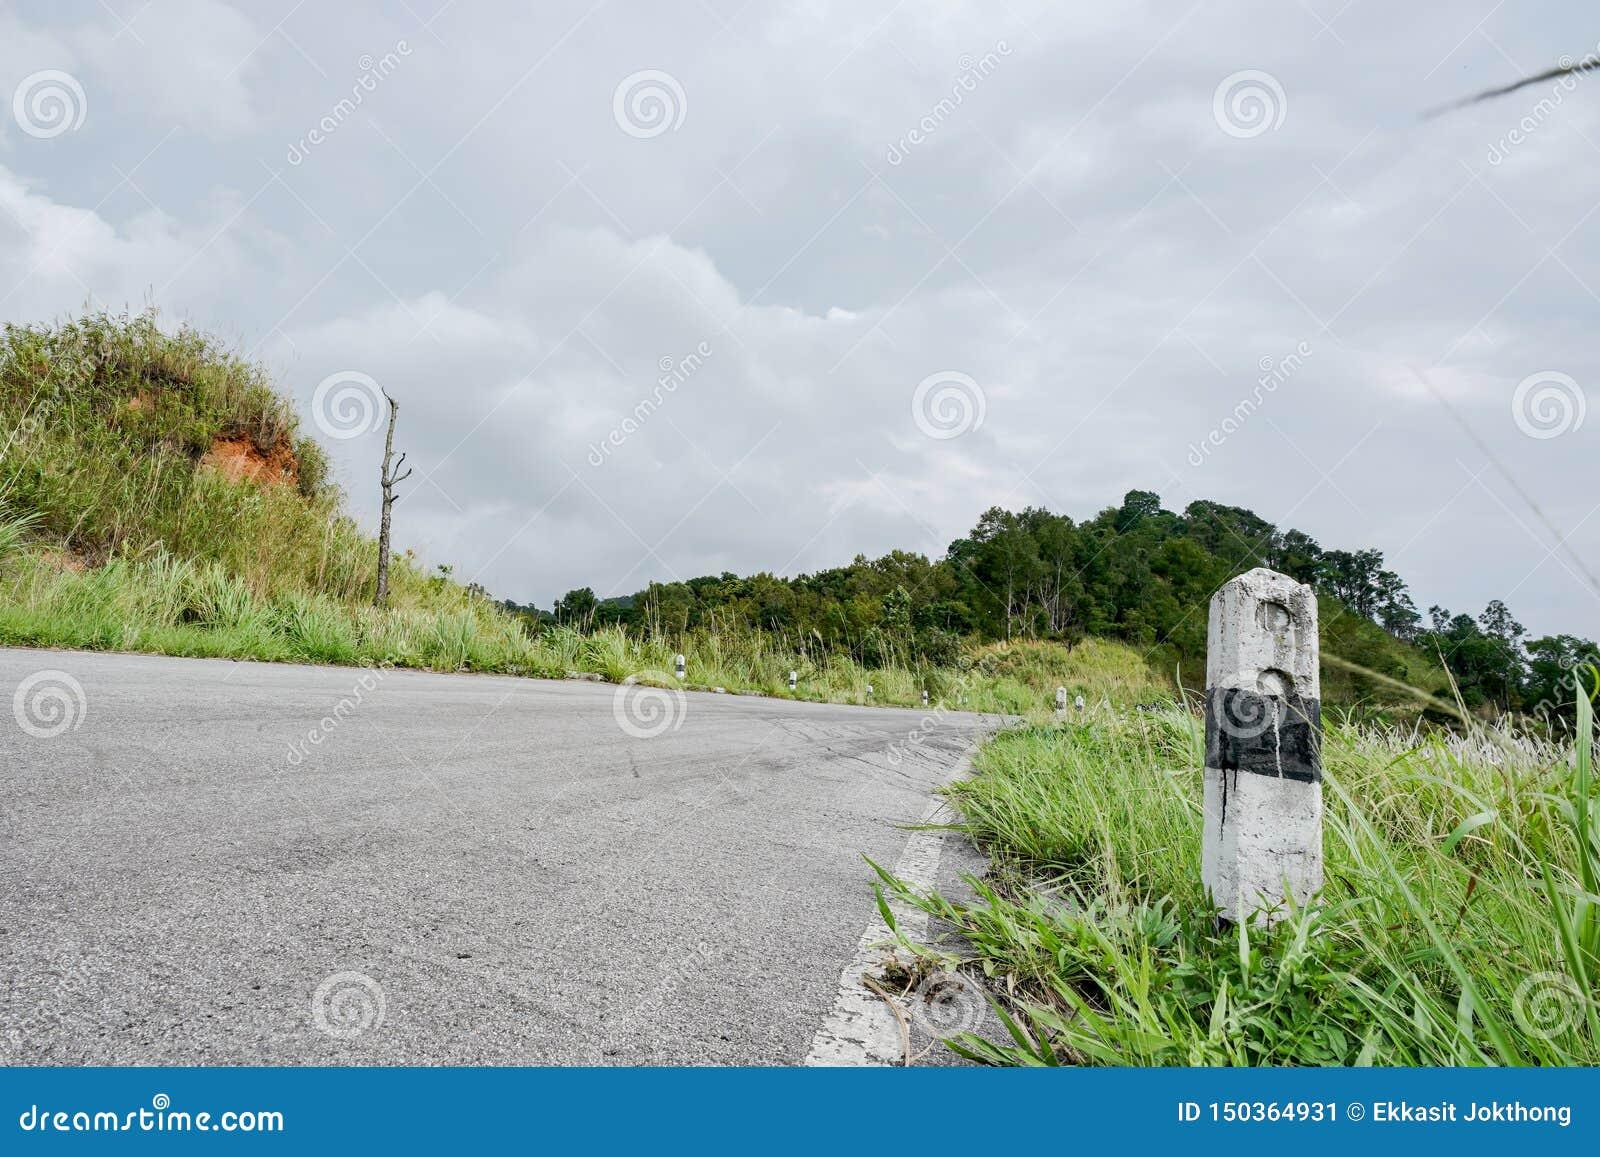 Черно-белые километры конкретного штендера камней на дороге покрыты с травой С серым небом, скалистые километры на